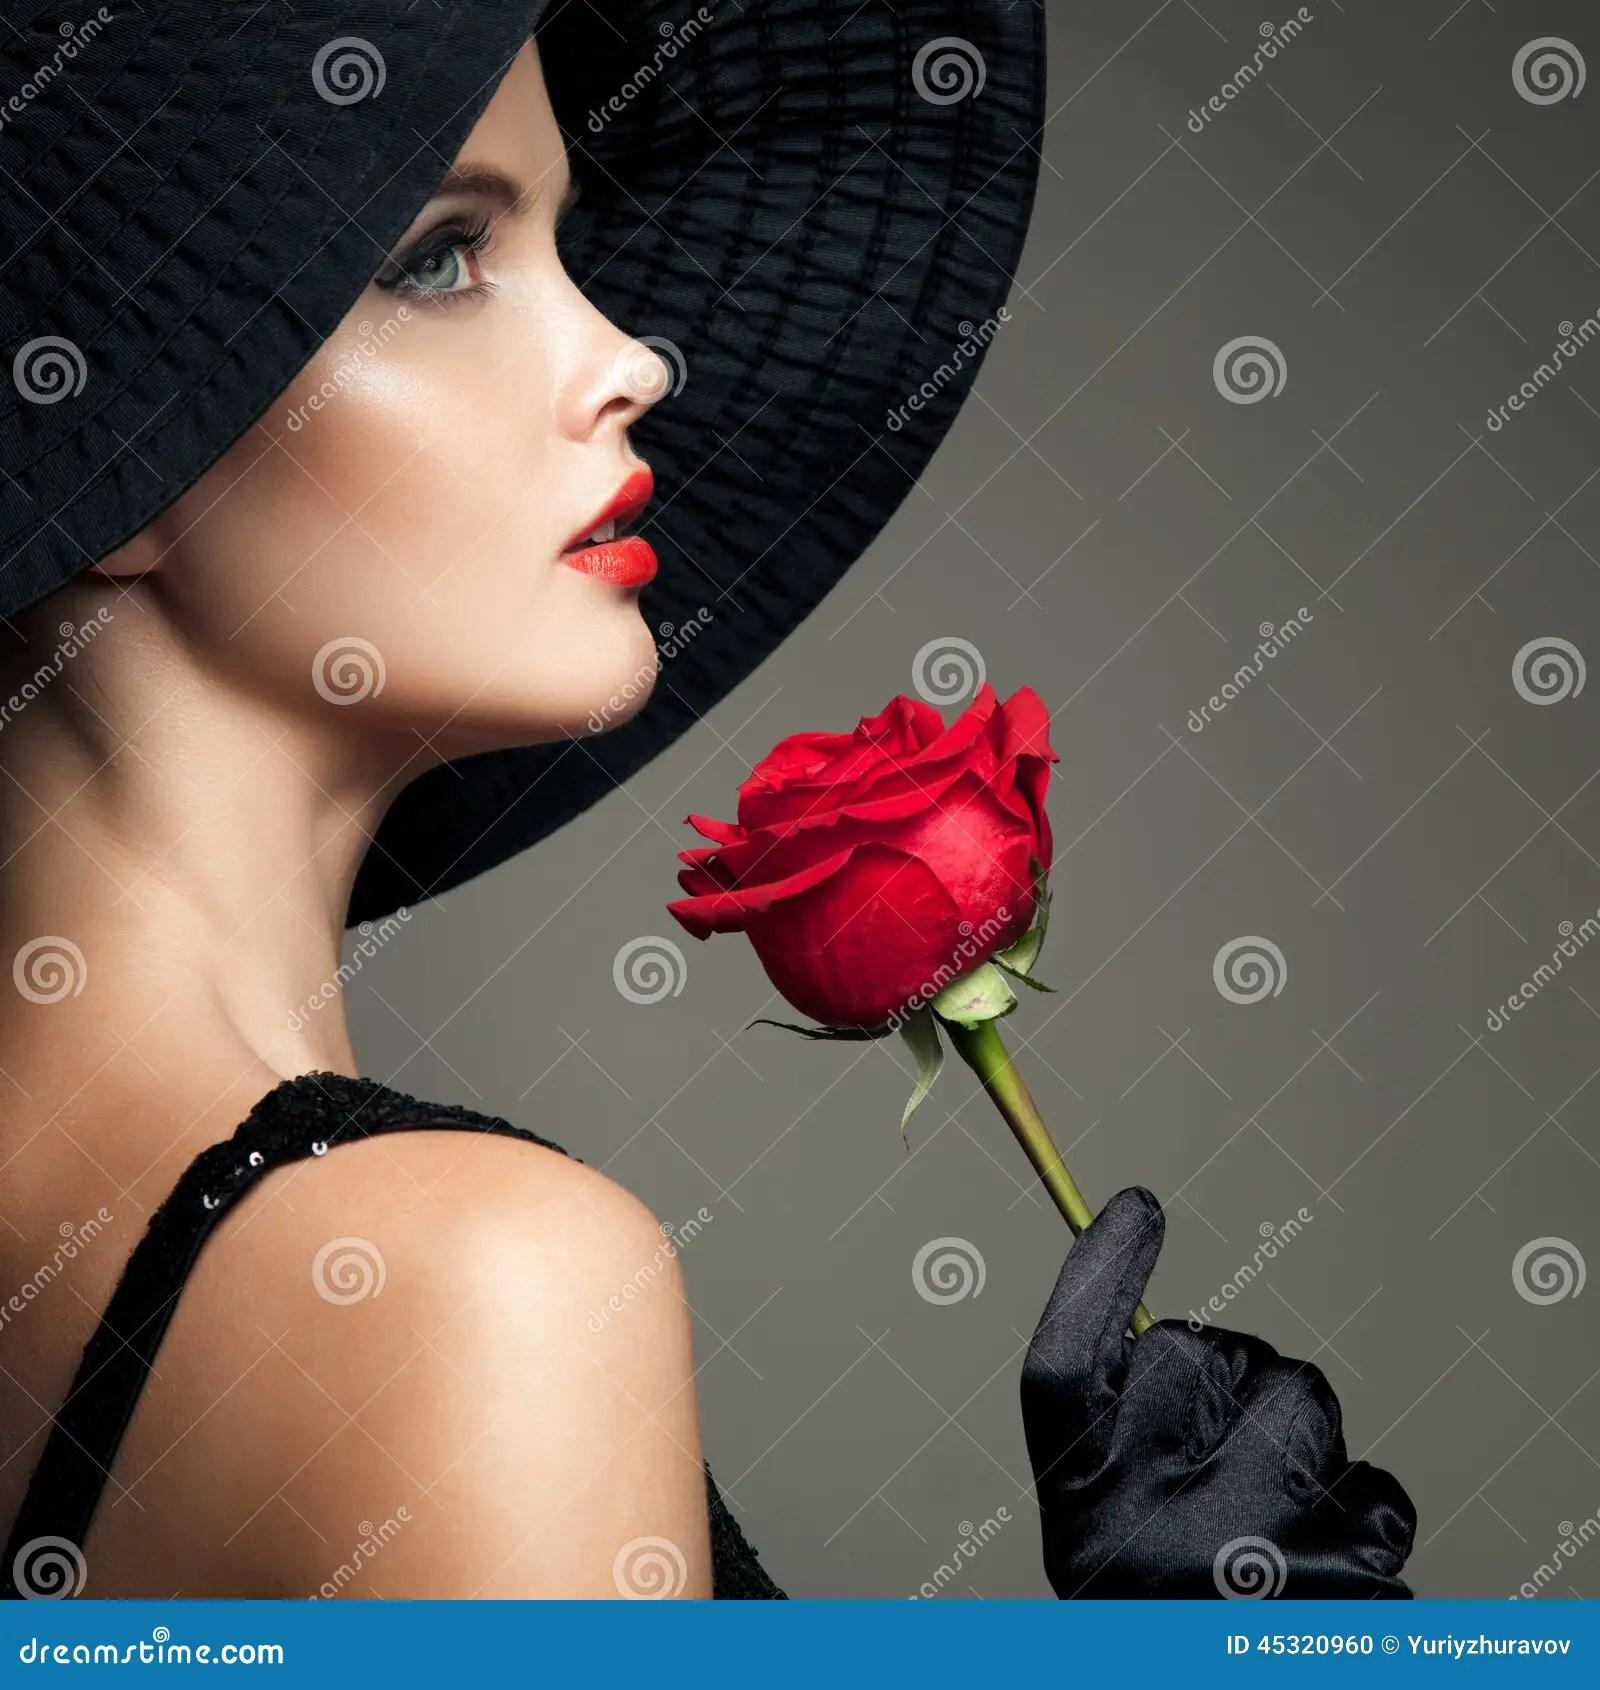 Cute Nail Arts Wallpaper Belle Femme Avec La Rose De Rouge R 233 Tro Image De Mode